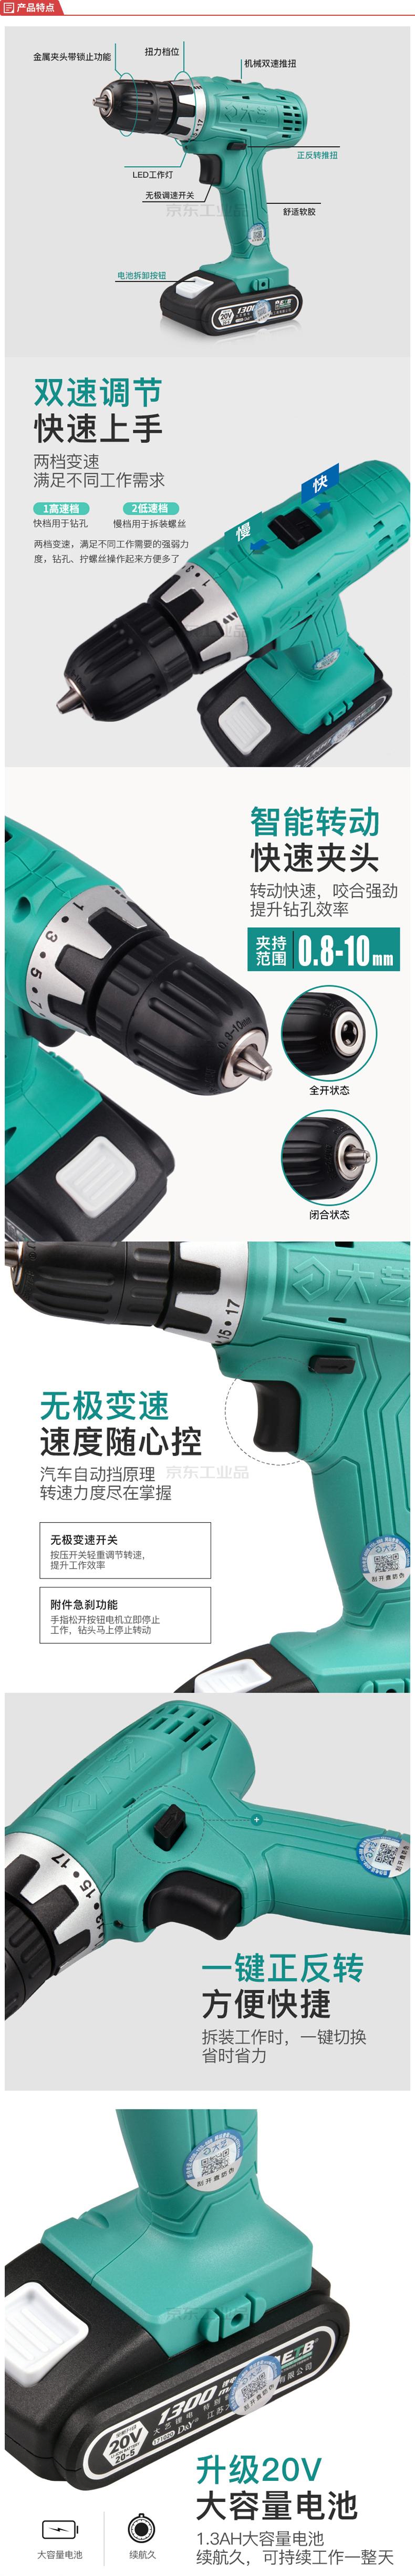 大艺 20V电池包平推式充电钻;T28